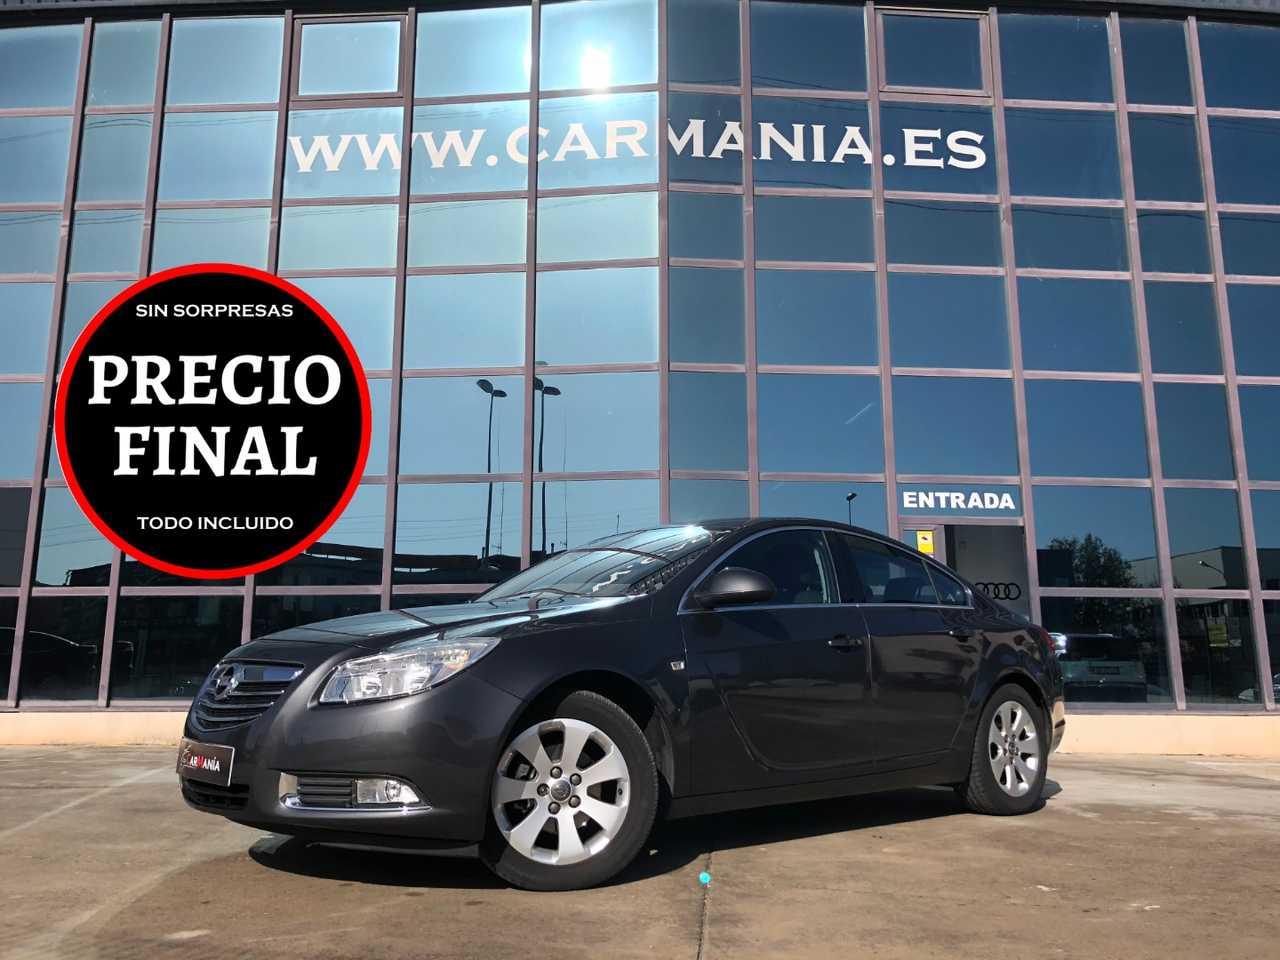 Opel Insignia  2.0 CDTI ecoFLEX COSMO  - Foto 1